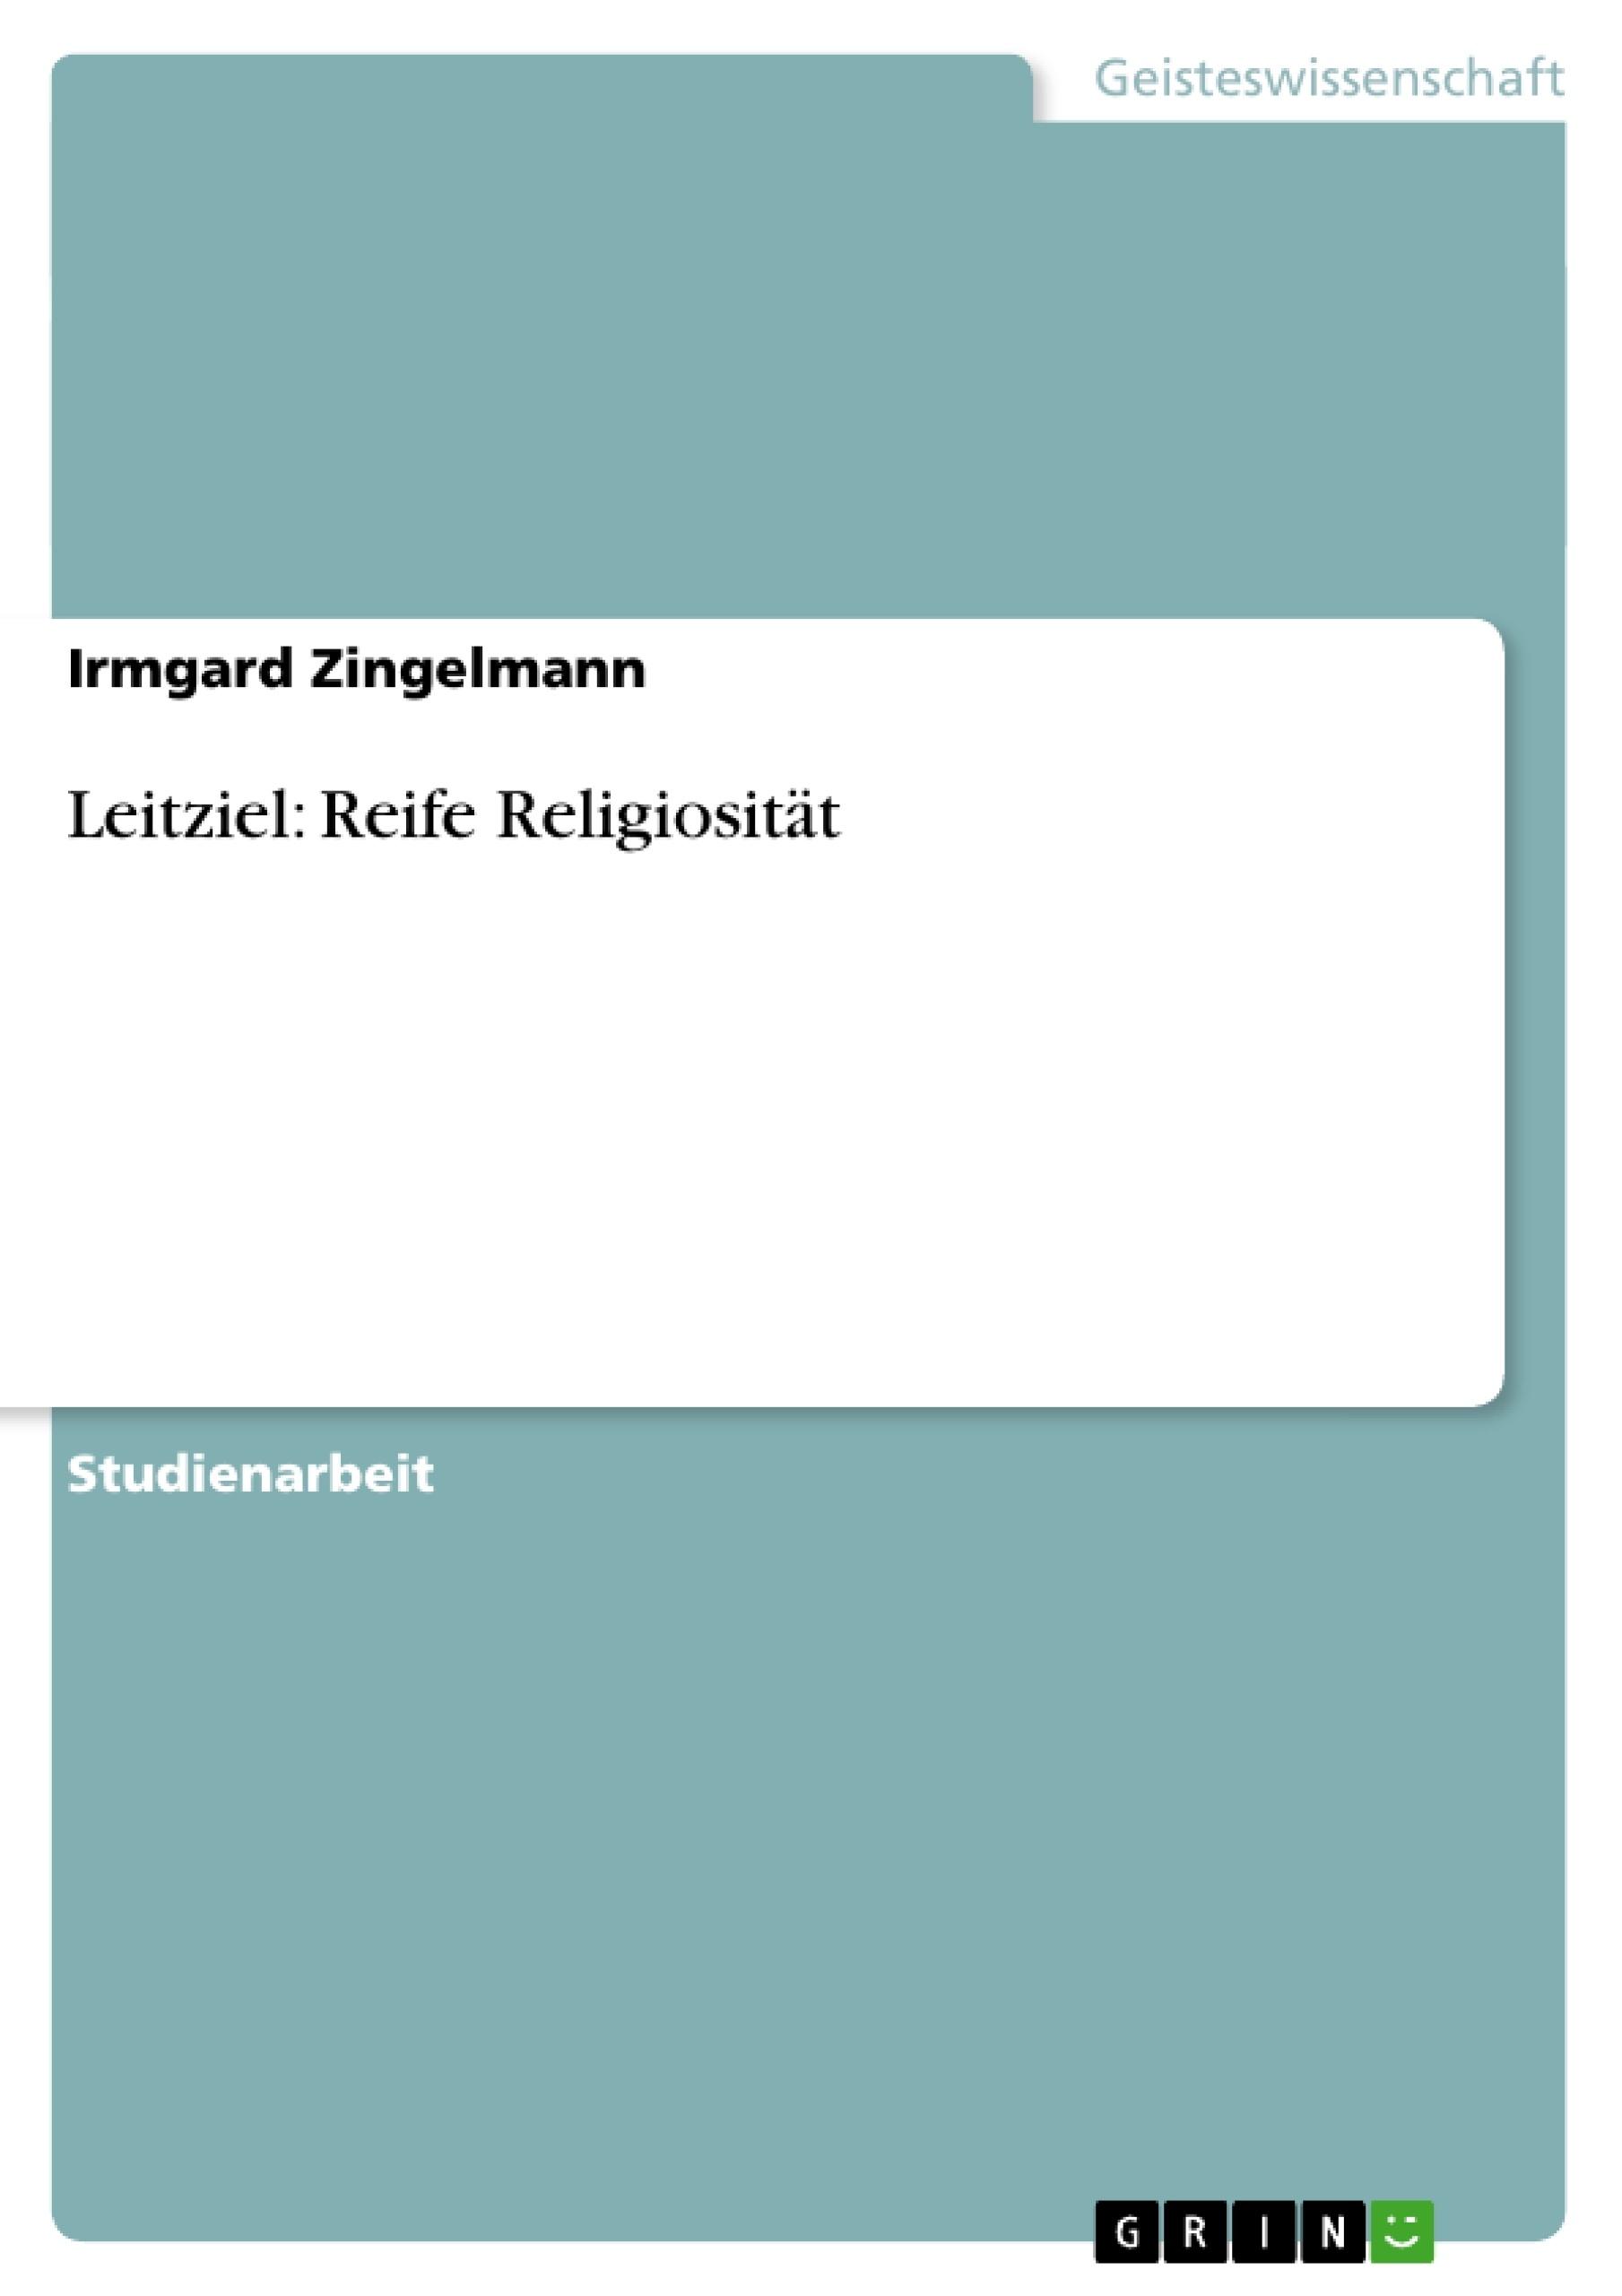 Titel: Leitziel: Reife Religiosität bei der kindlichen Entwickung